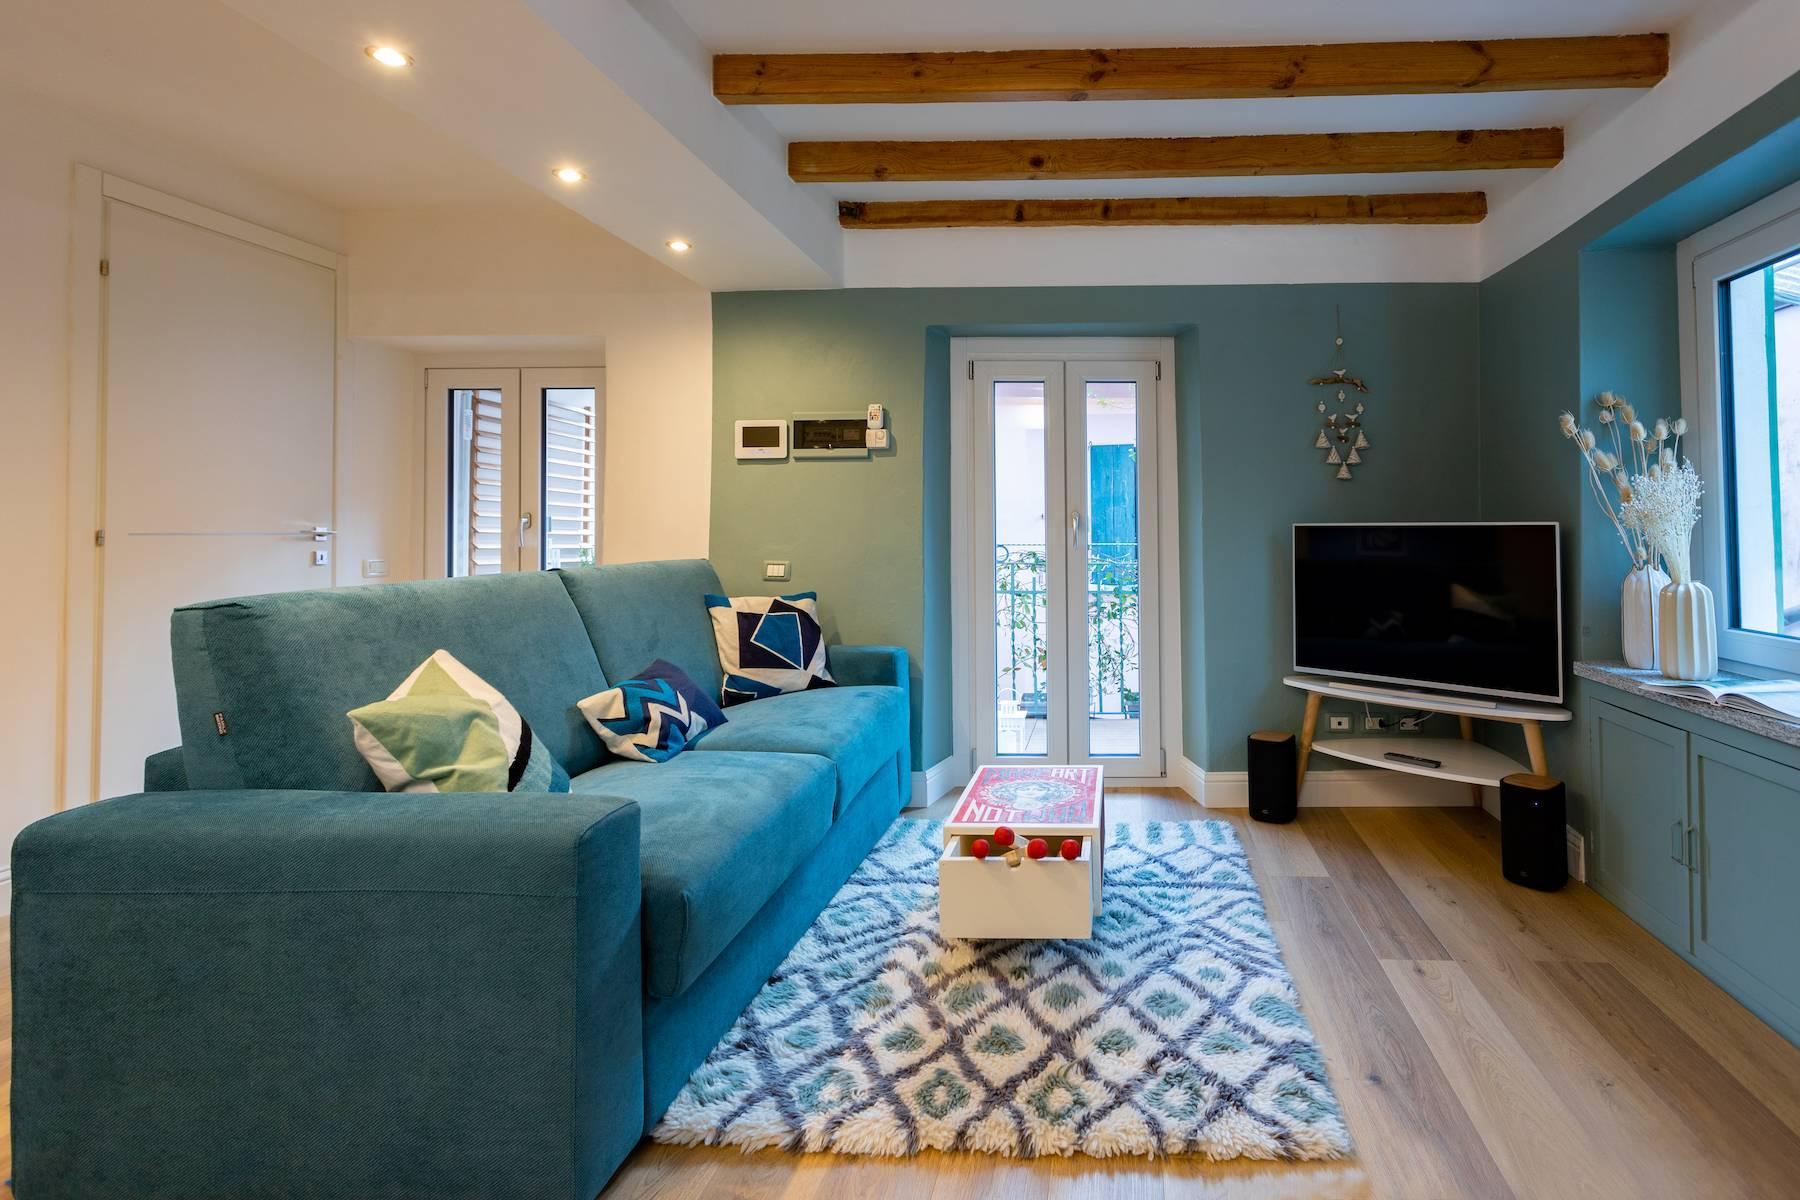 Appartamento accogliente a Belgirate con vista sul Lago Maggiore - 7